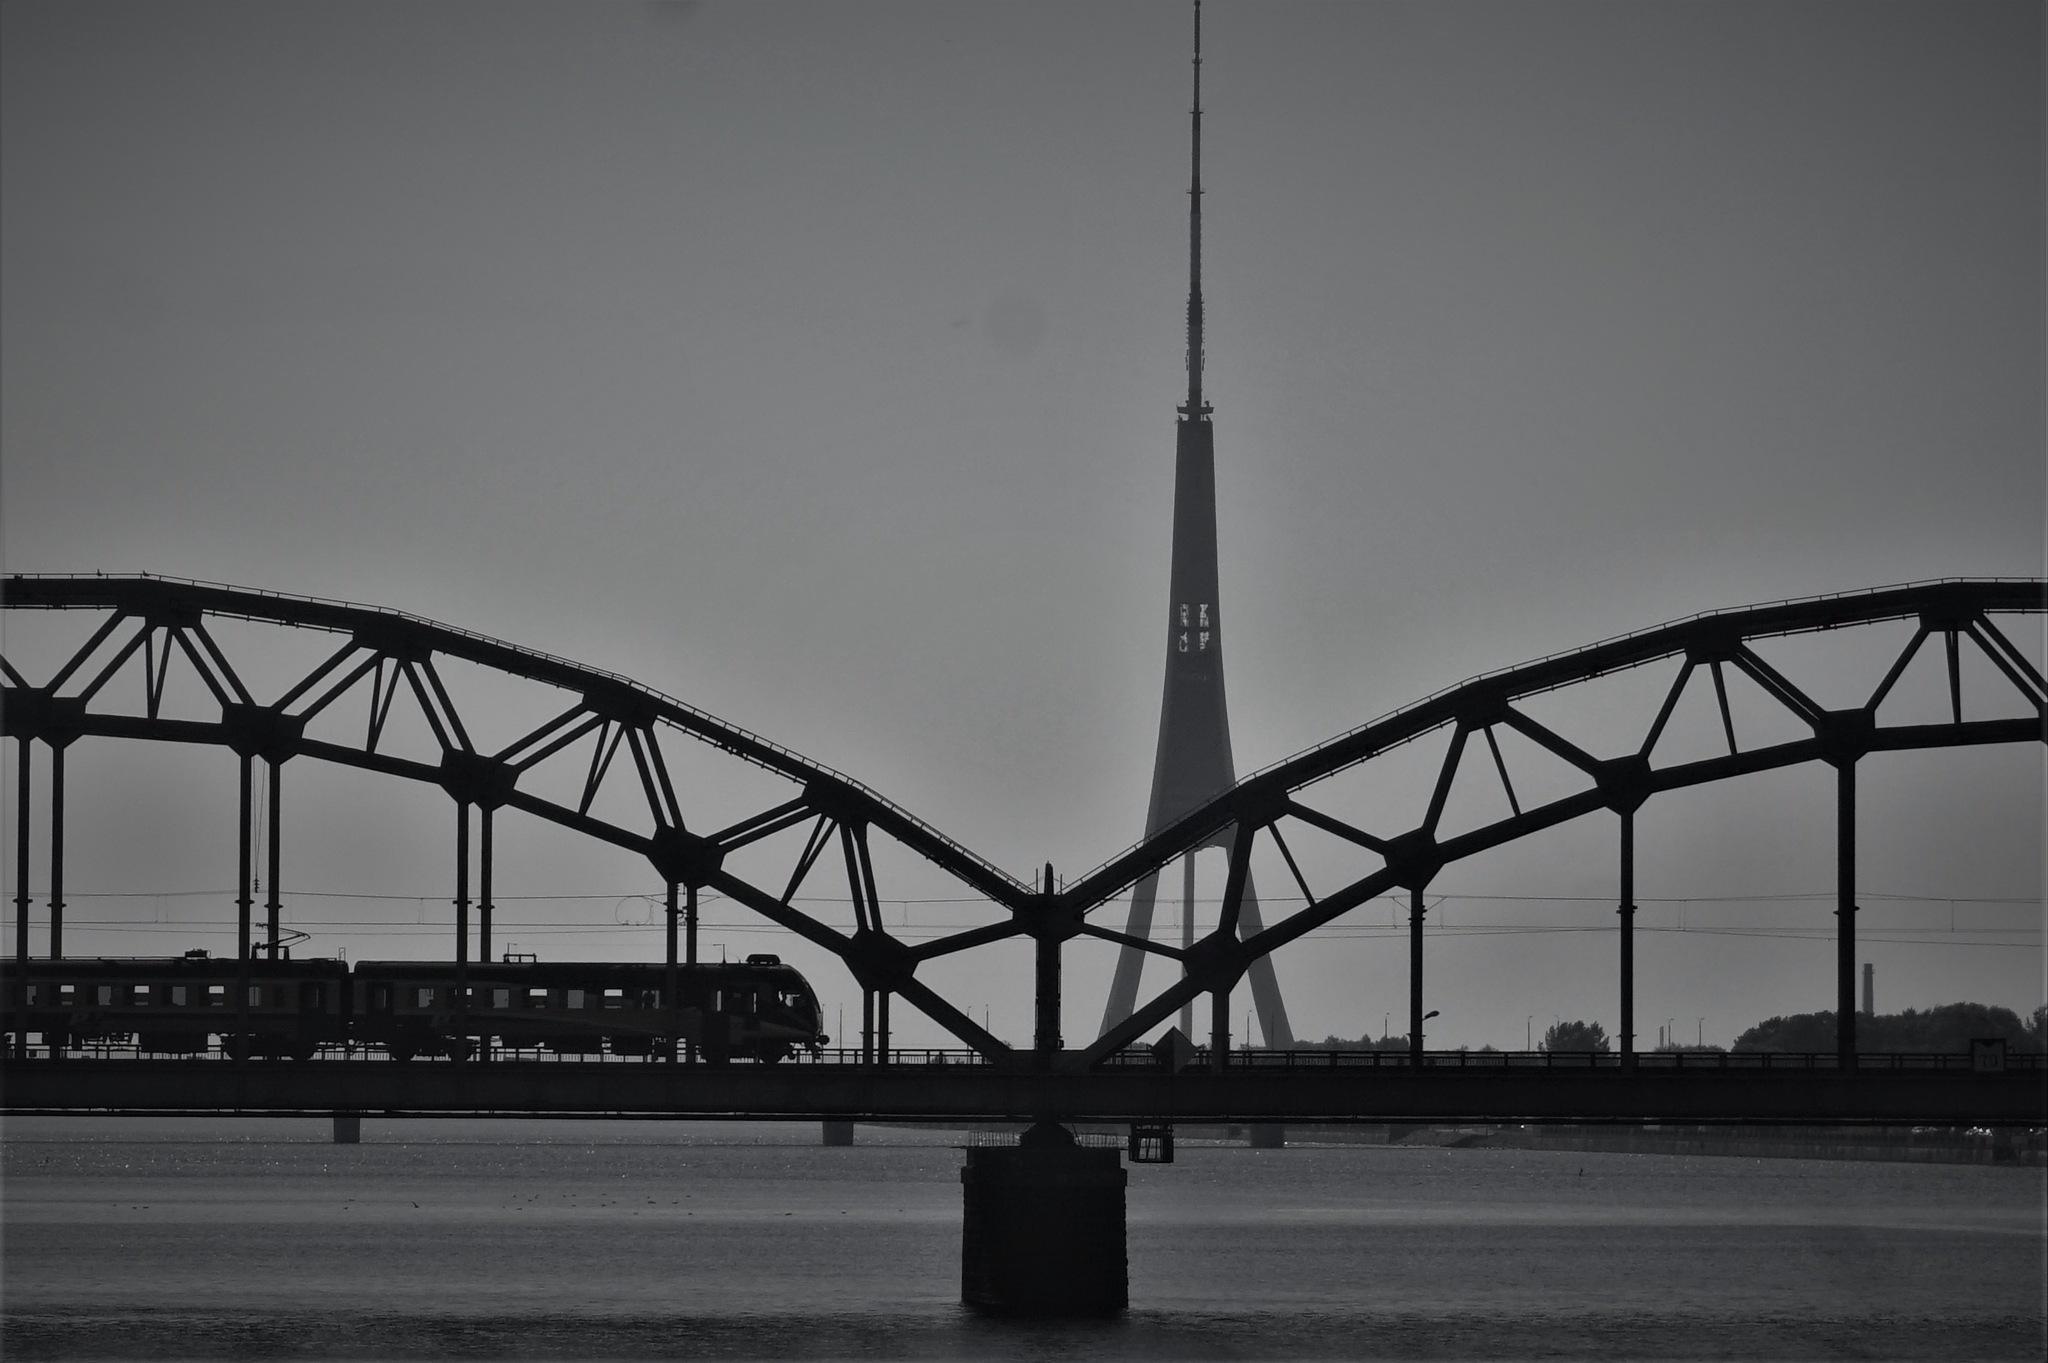 Bridge in Riga by monique.doldersum